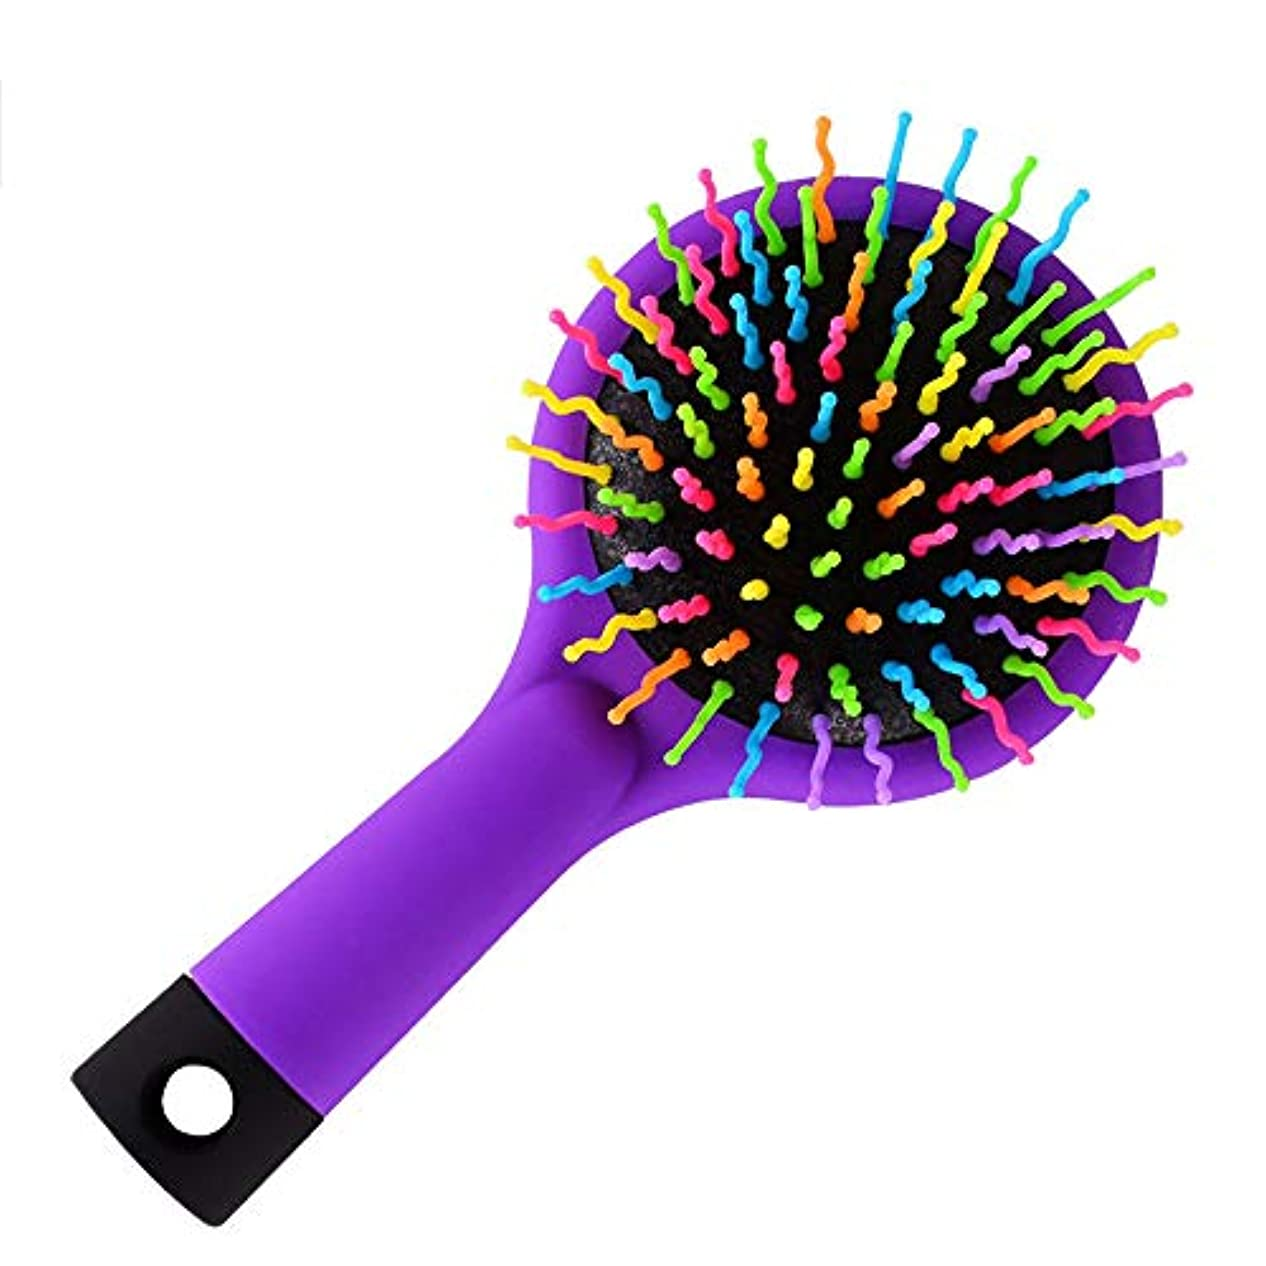 倒産測定ダッシュミラー付きヘアブラシSカーブボール付きエアボリュームパドルヘアブラシ、フレキシブルクッションベース、ウェットまたはドライヘア、キッズアダルト,Purple